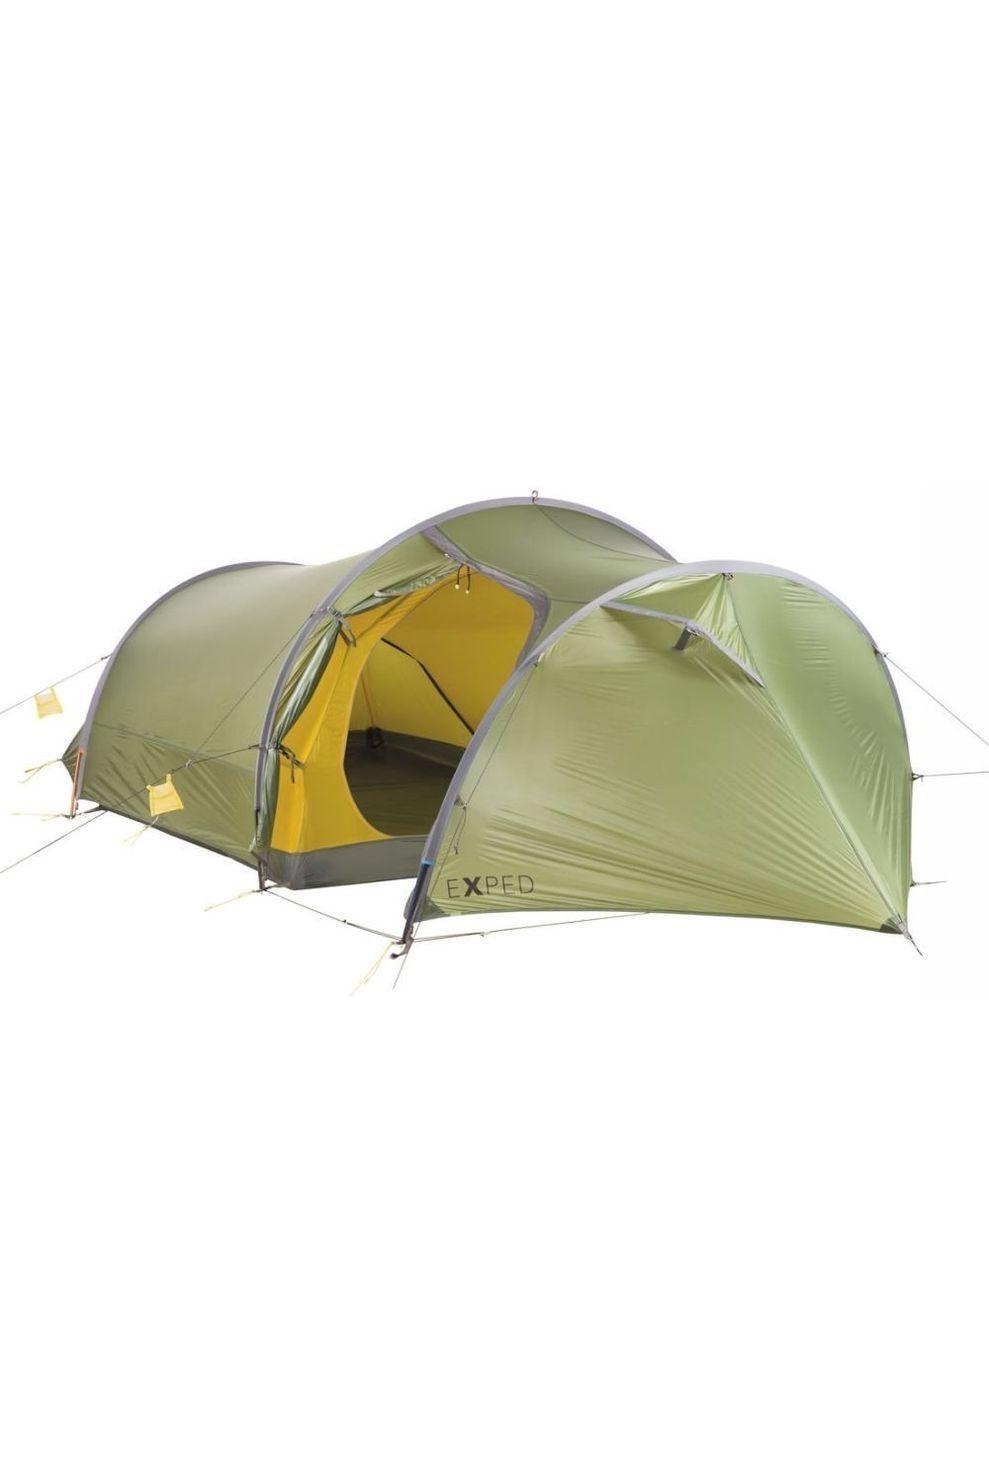 Exped Tent Cetus Iii Ul Groen